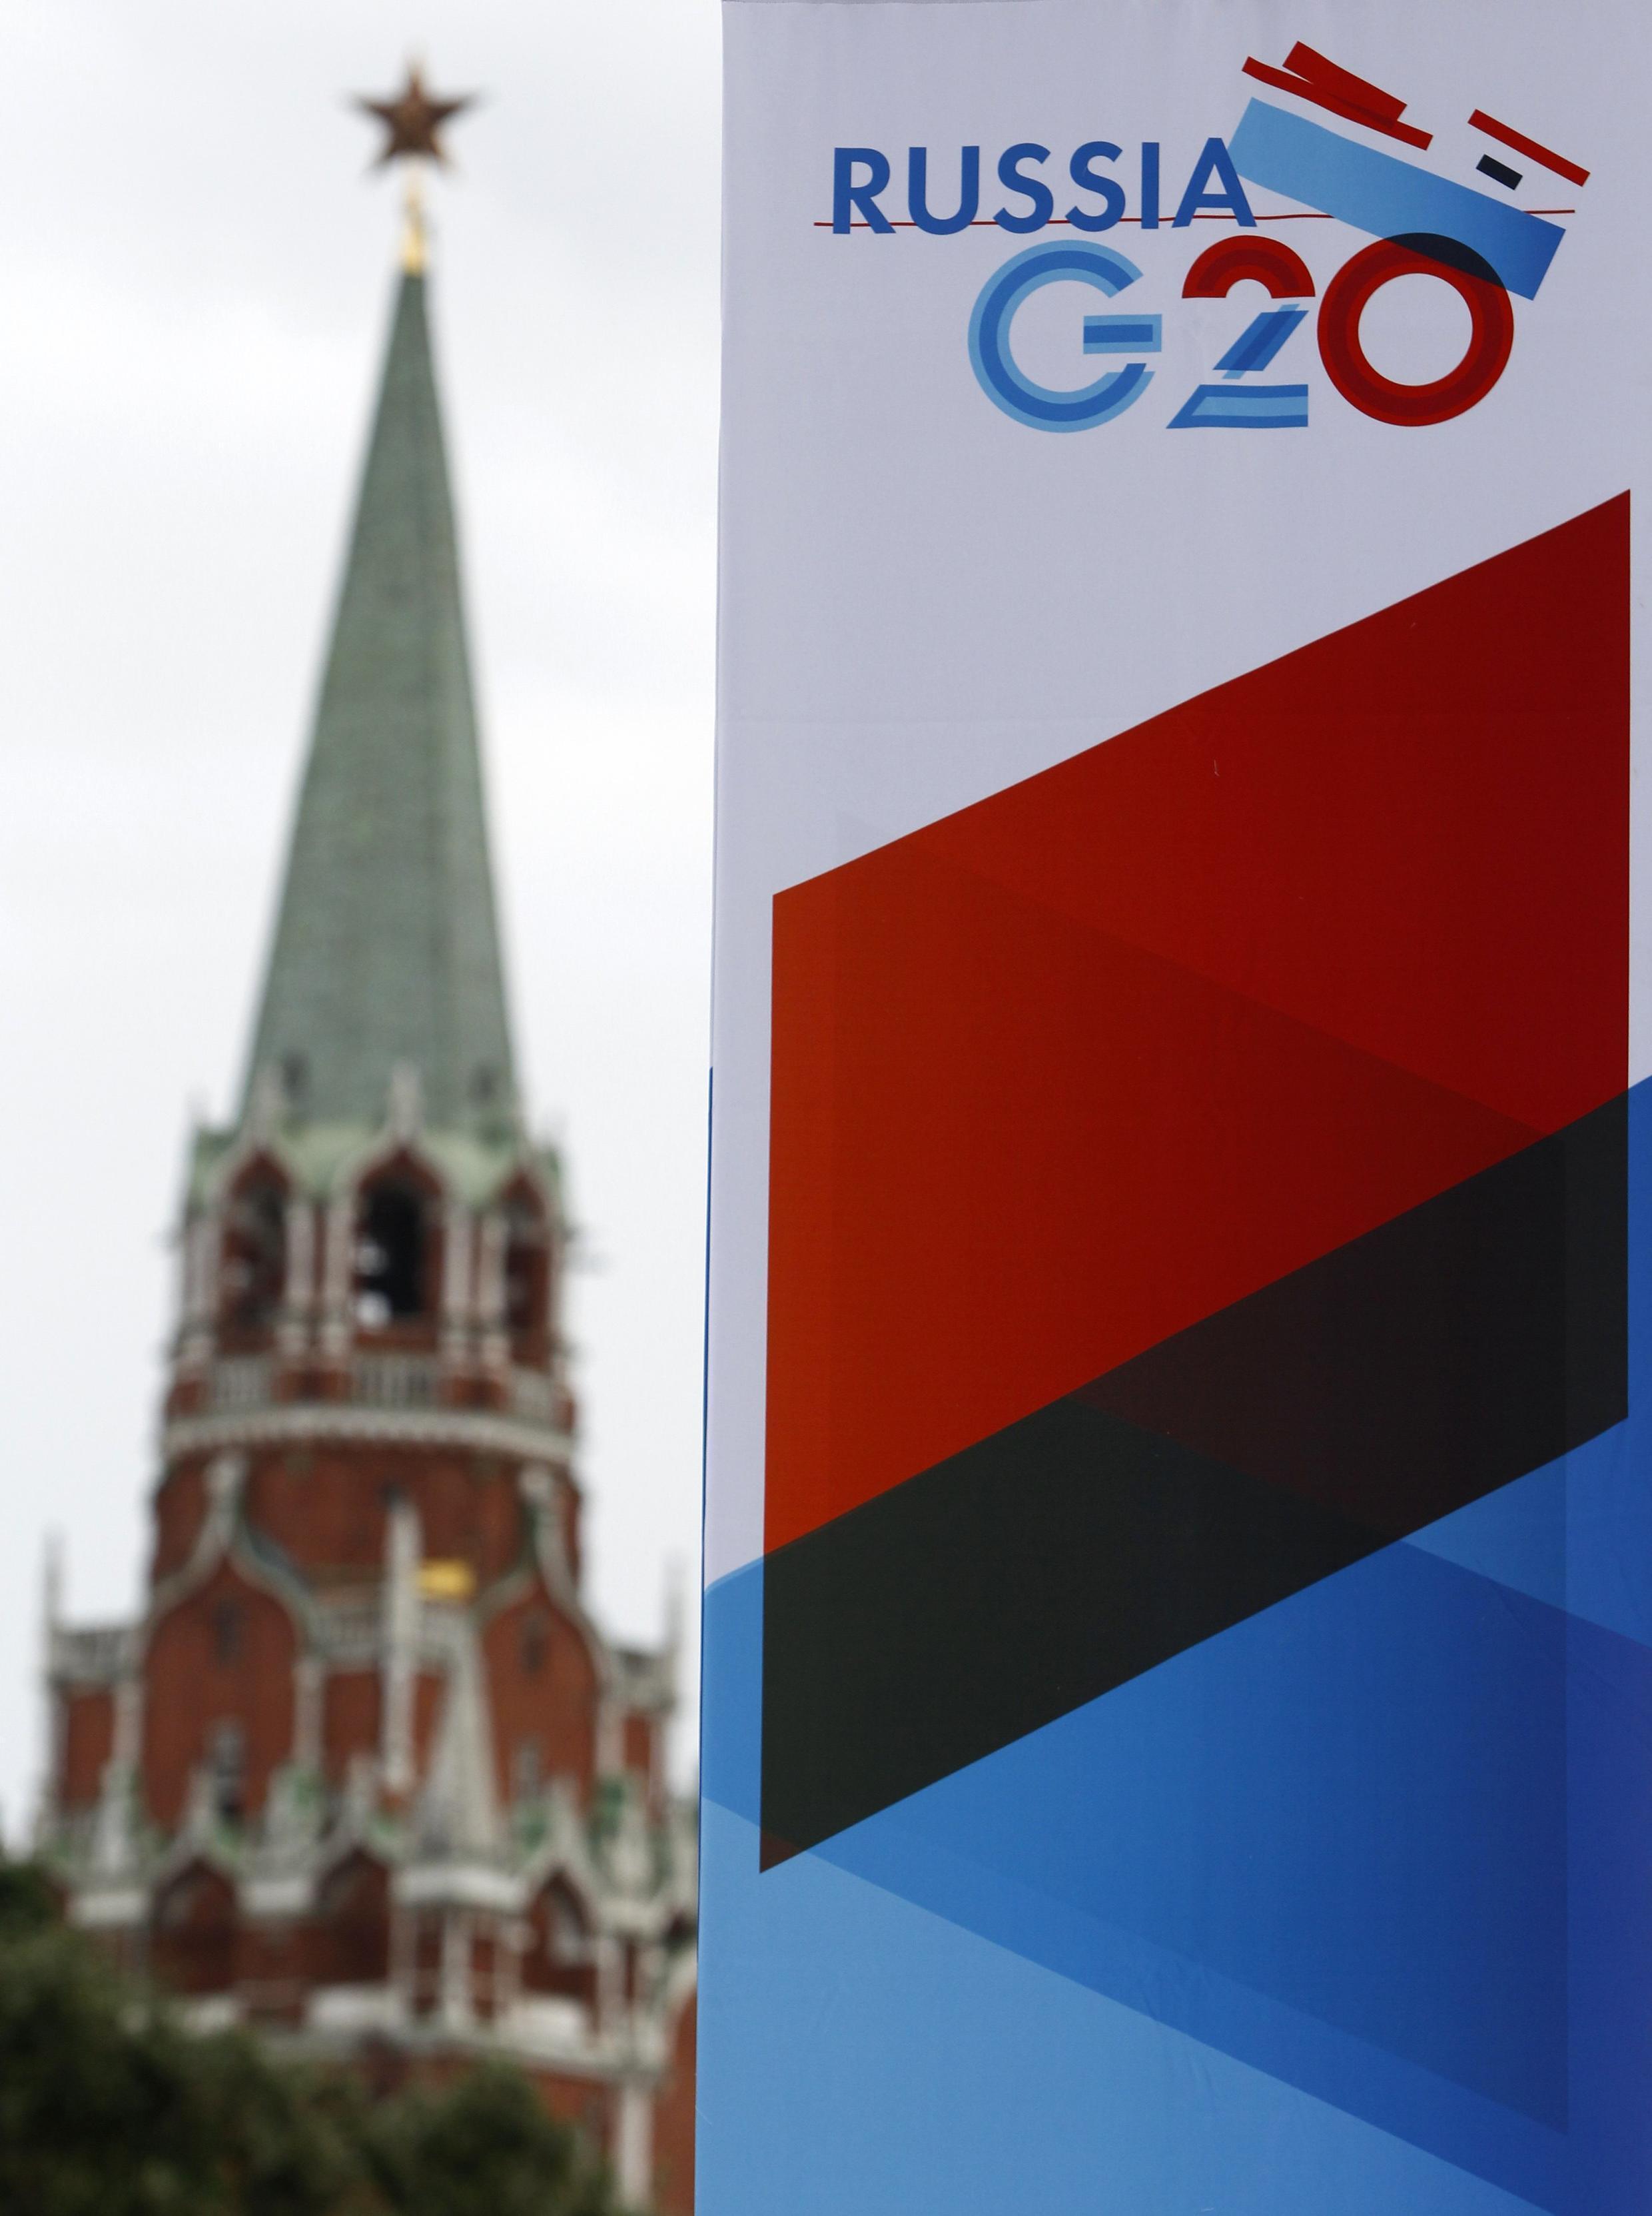 В Москве совещаются министры финансво Большой двадцатки 16/07/2013